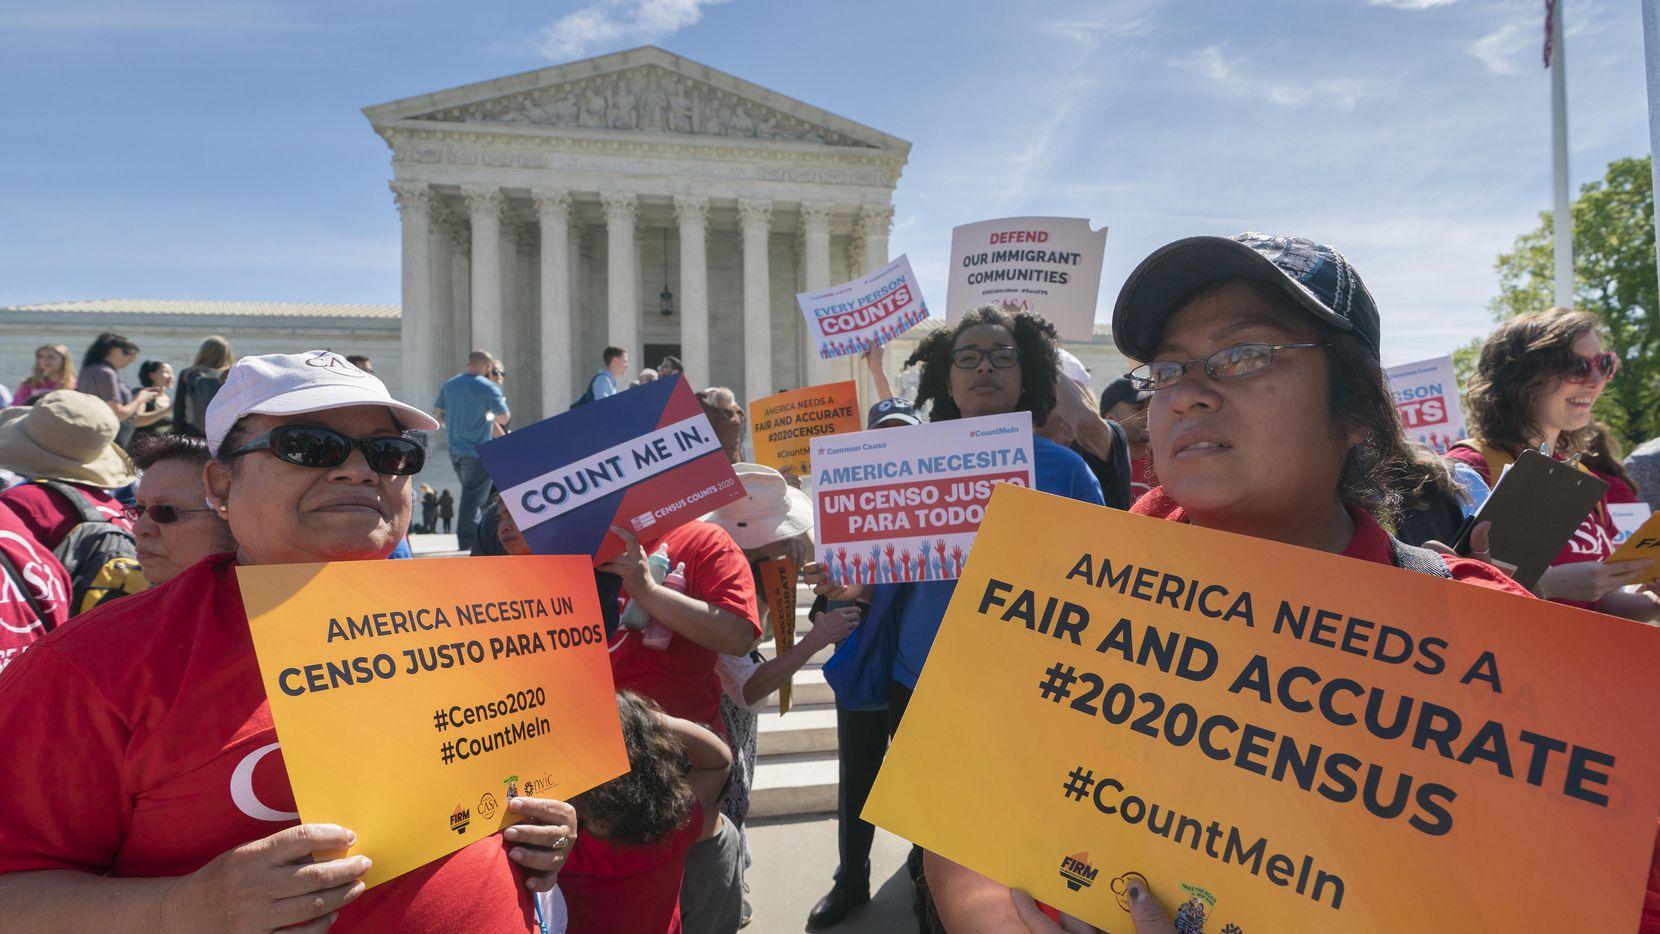 Hasta ahora, tres cortes federales han bloqueado el pedido del Departamento de Comercio de agregar la pregunta de ciudadanía al formulario del censo, fallando que la pregunta podría desalentar la participación de muchos inmigrantes en el conteo.  (AP Photo/J. Scott Applewhite) (AP/J. Scott Applewhite)